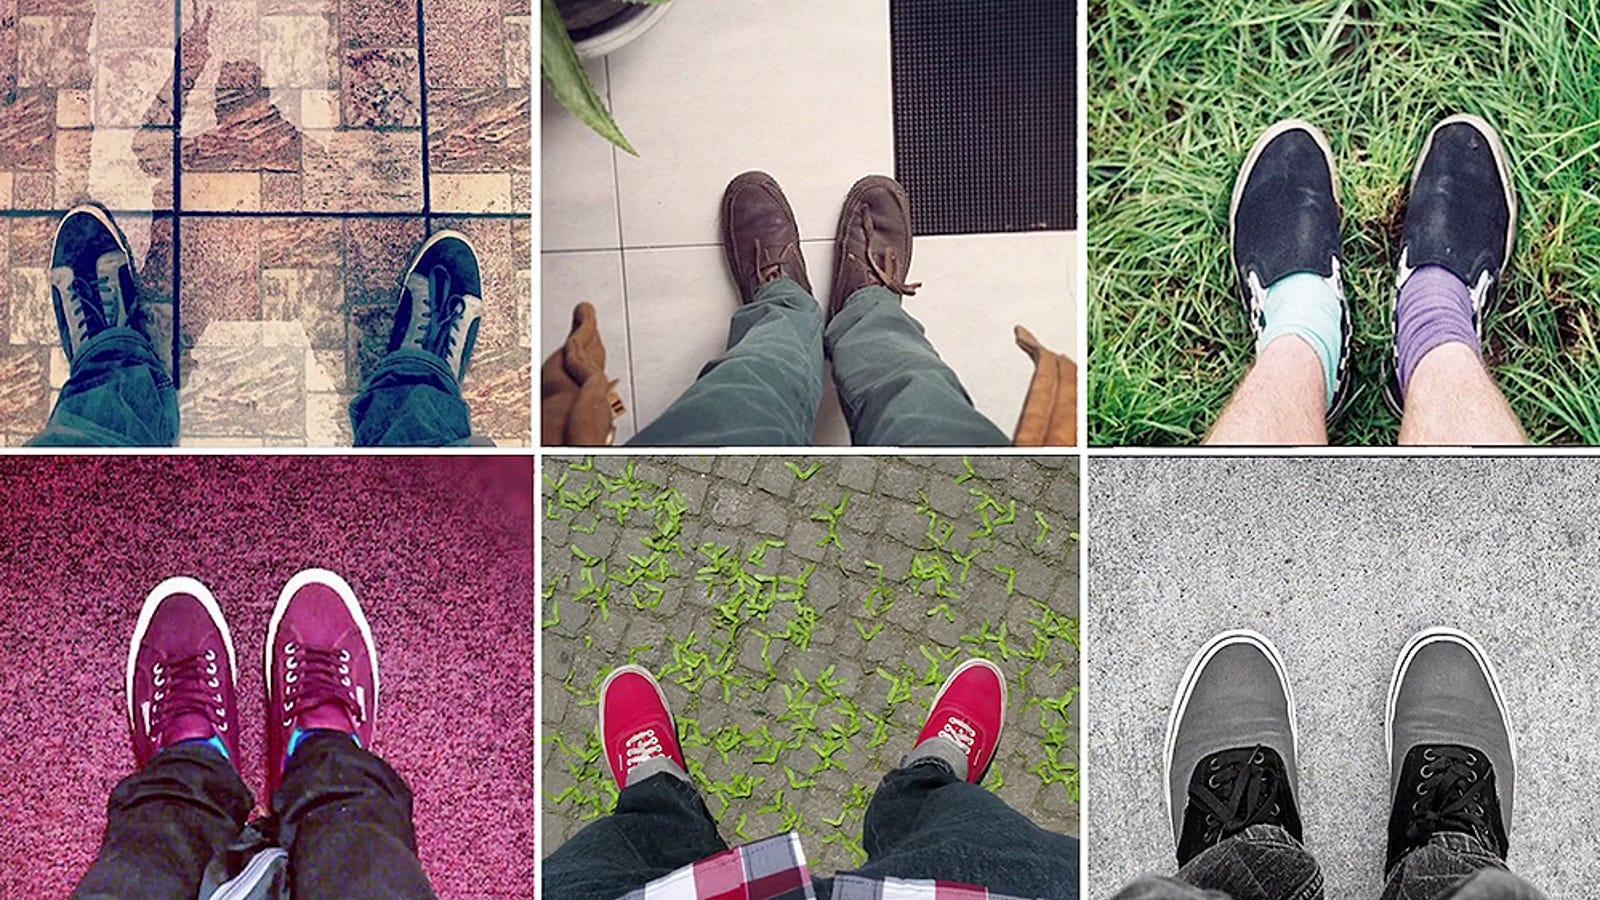 La prueba de que existen demasiadas fotos iguales en Instagram